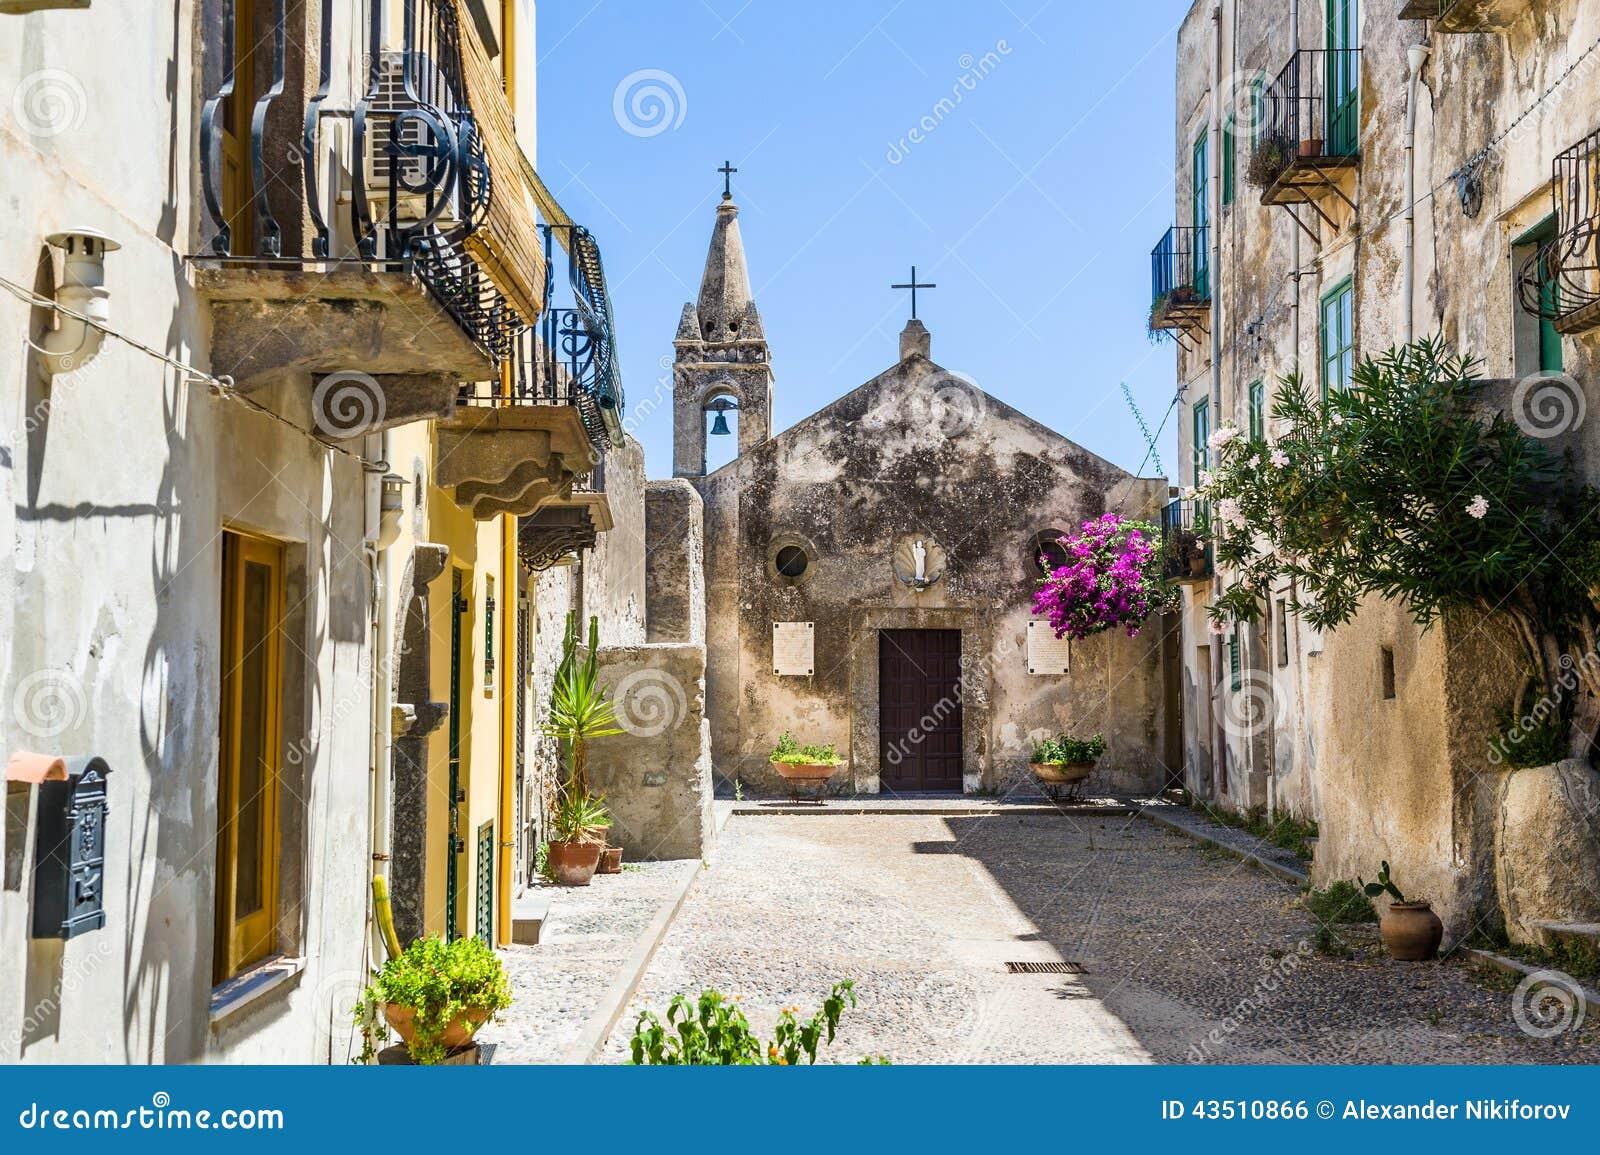 Lipari old town church